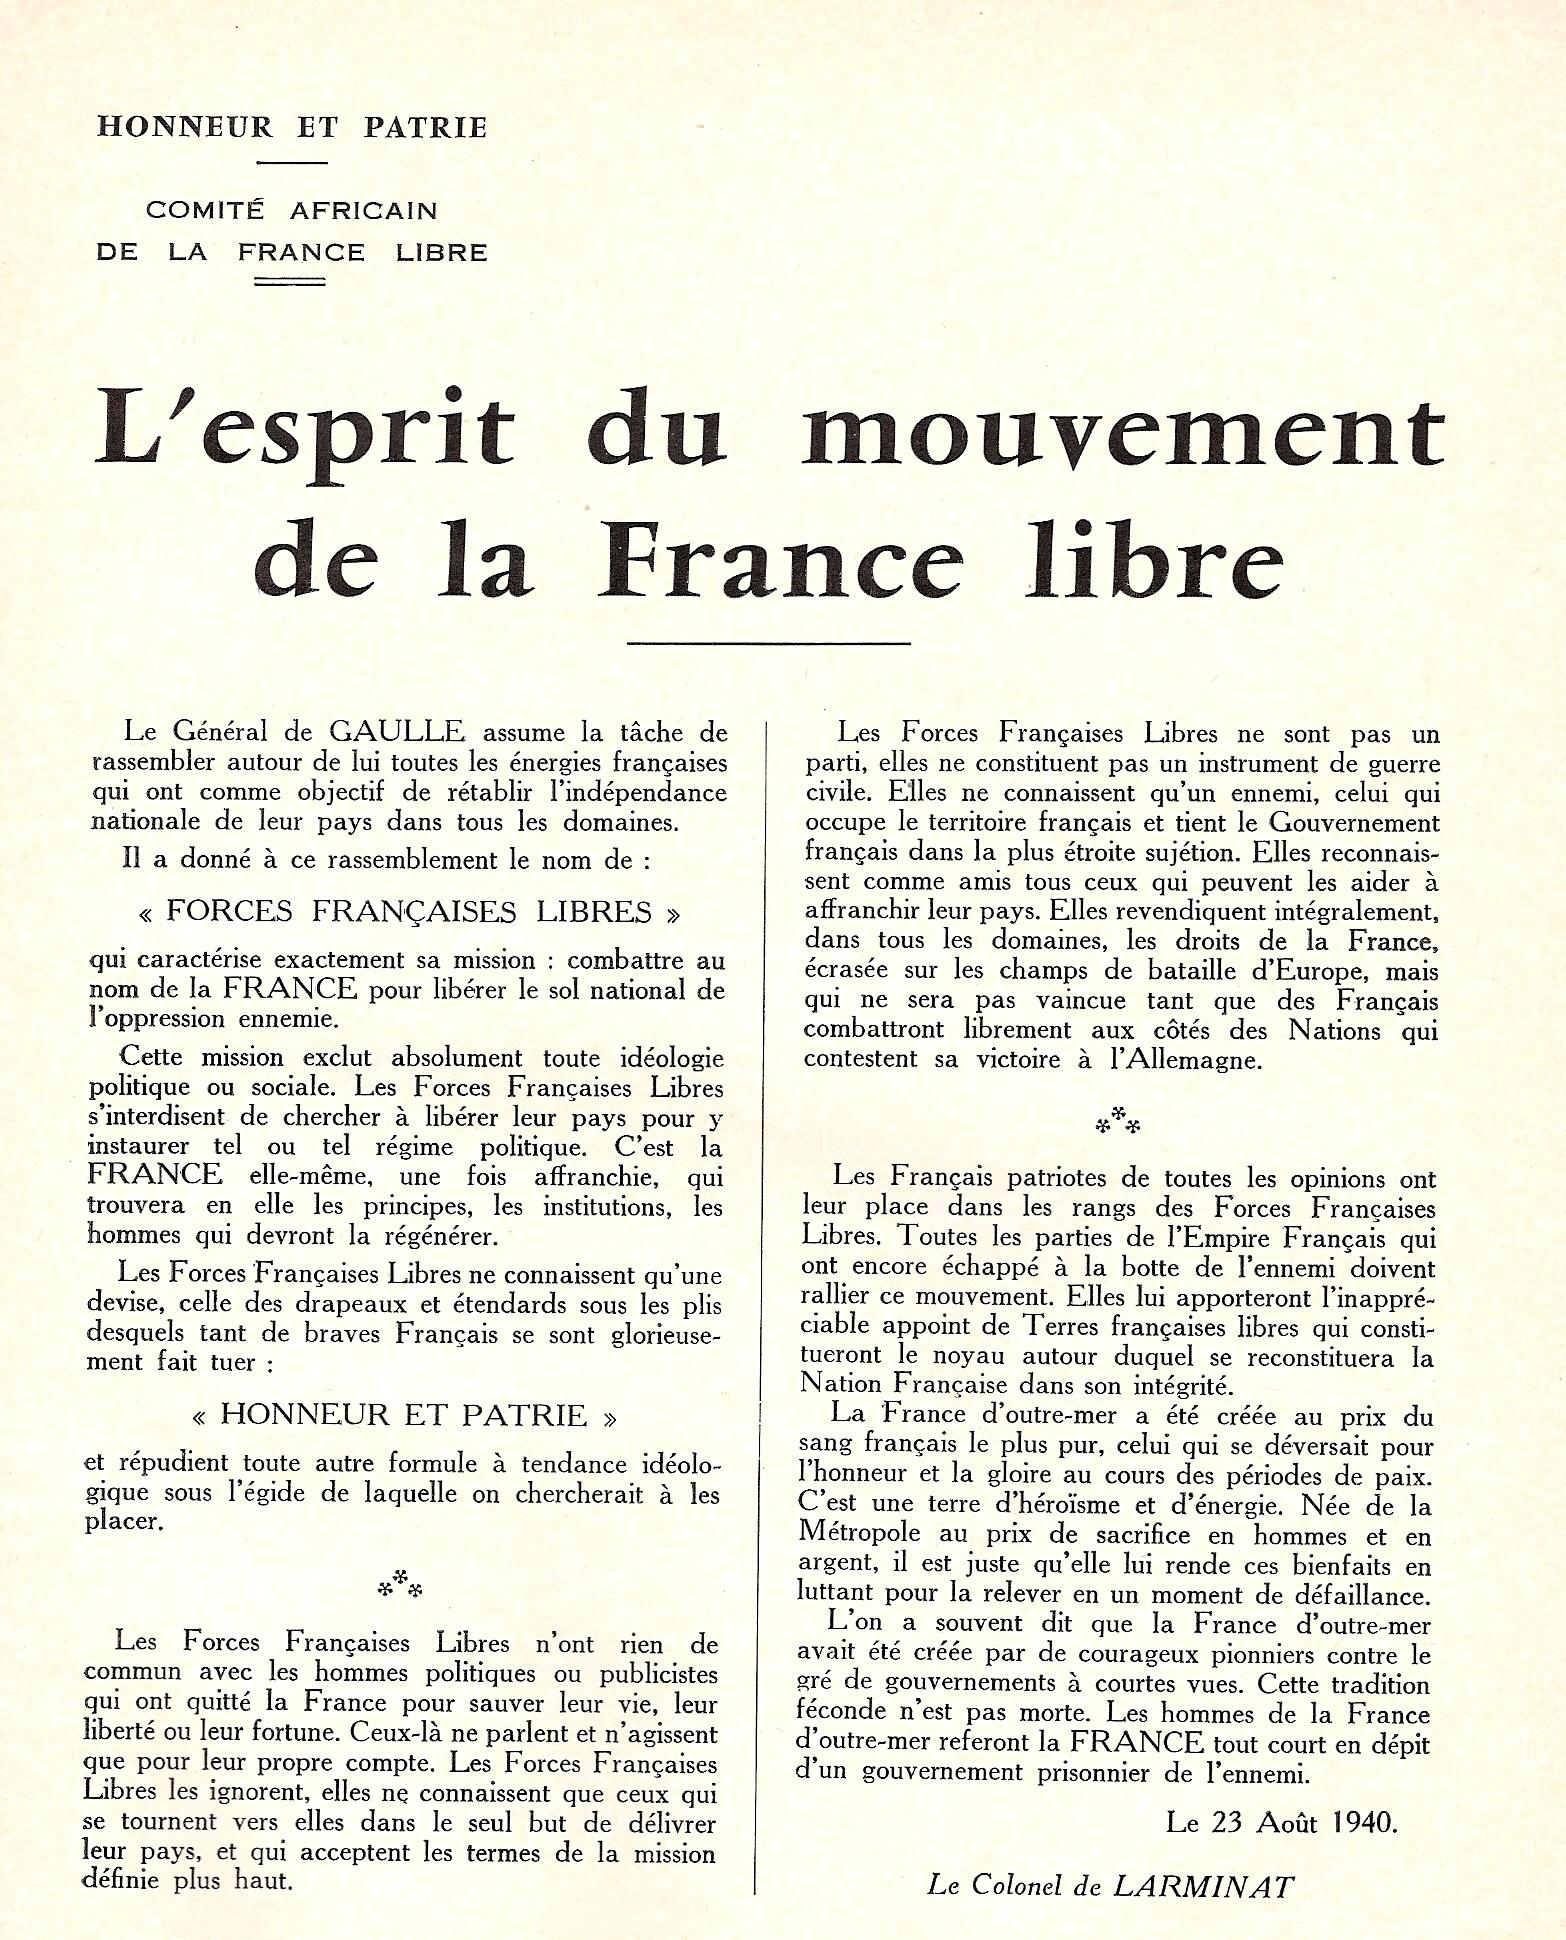 L'esprit du mouvement de la France libre, 23 août 1940